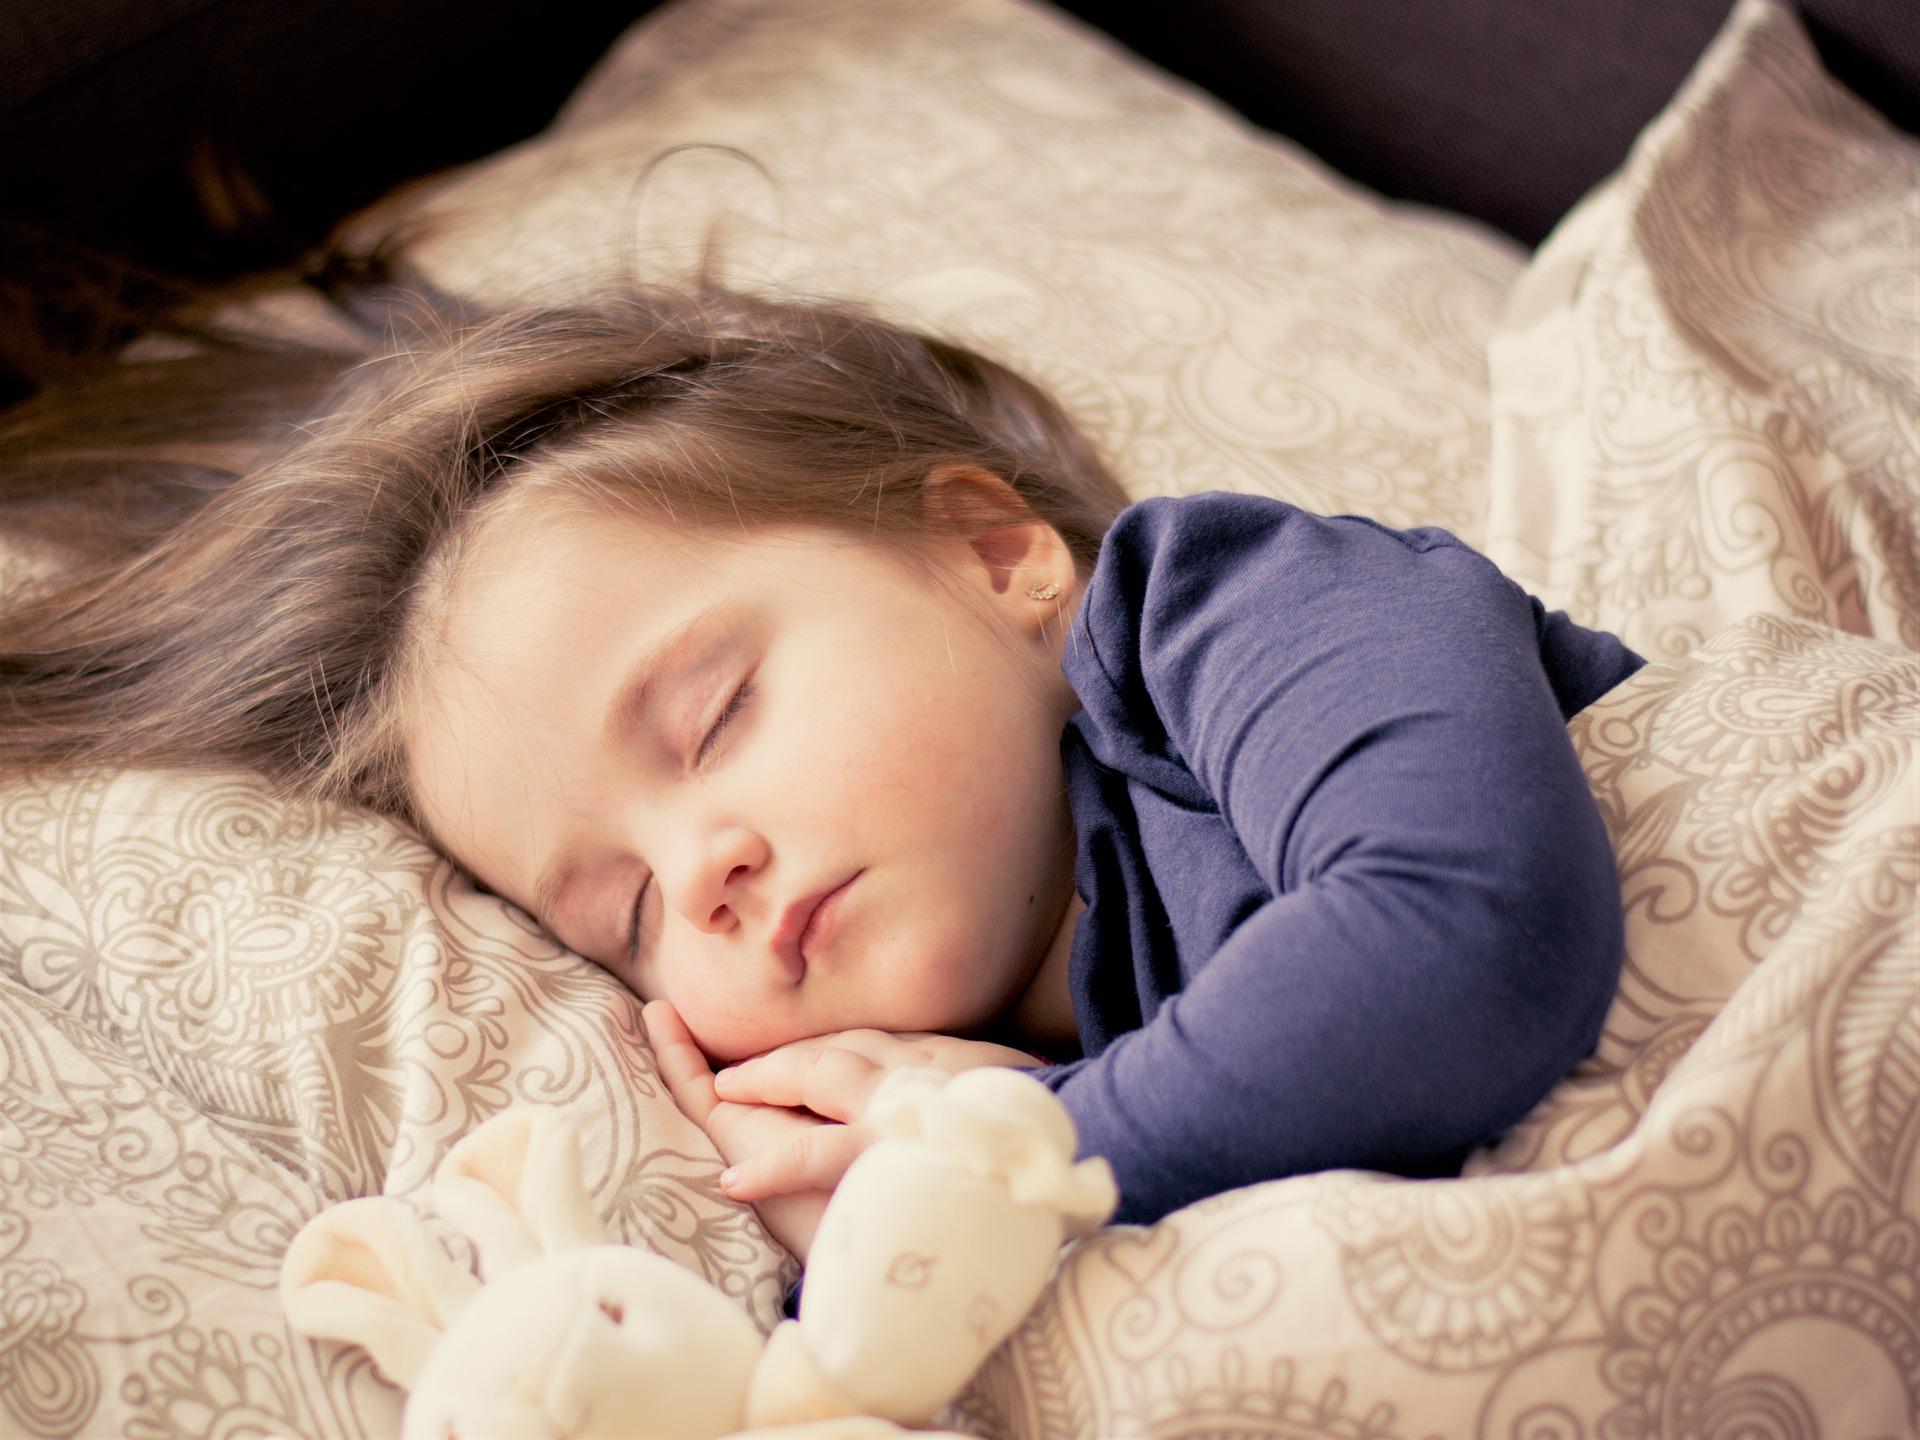 3 korte verhaaltjes voor het slapen gaan